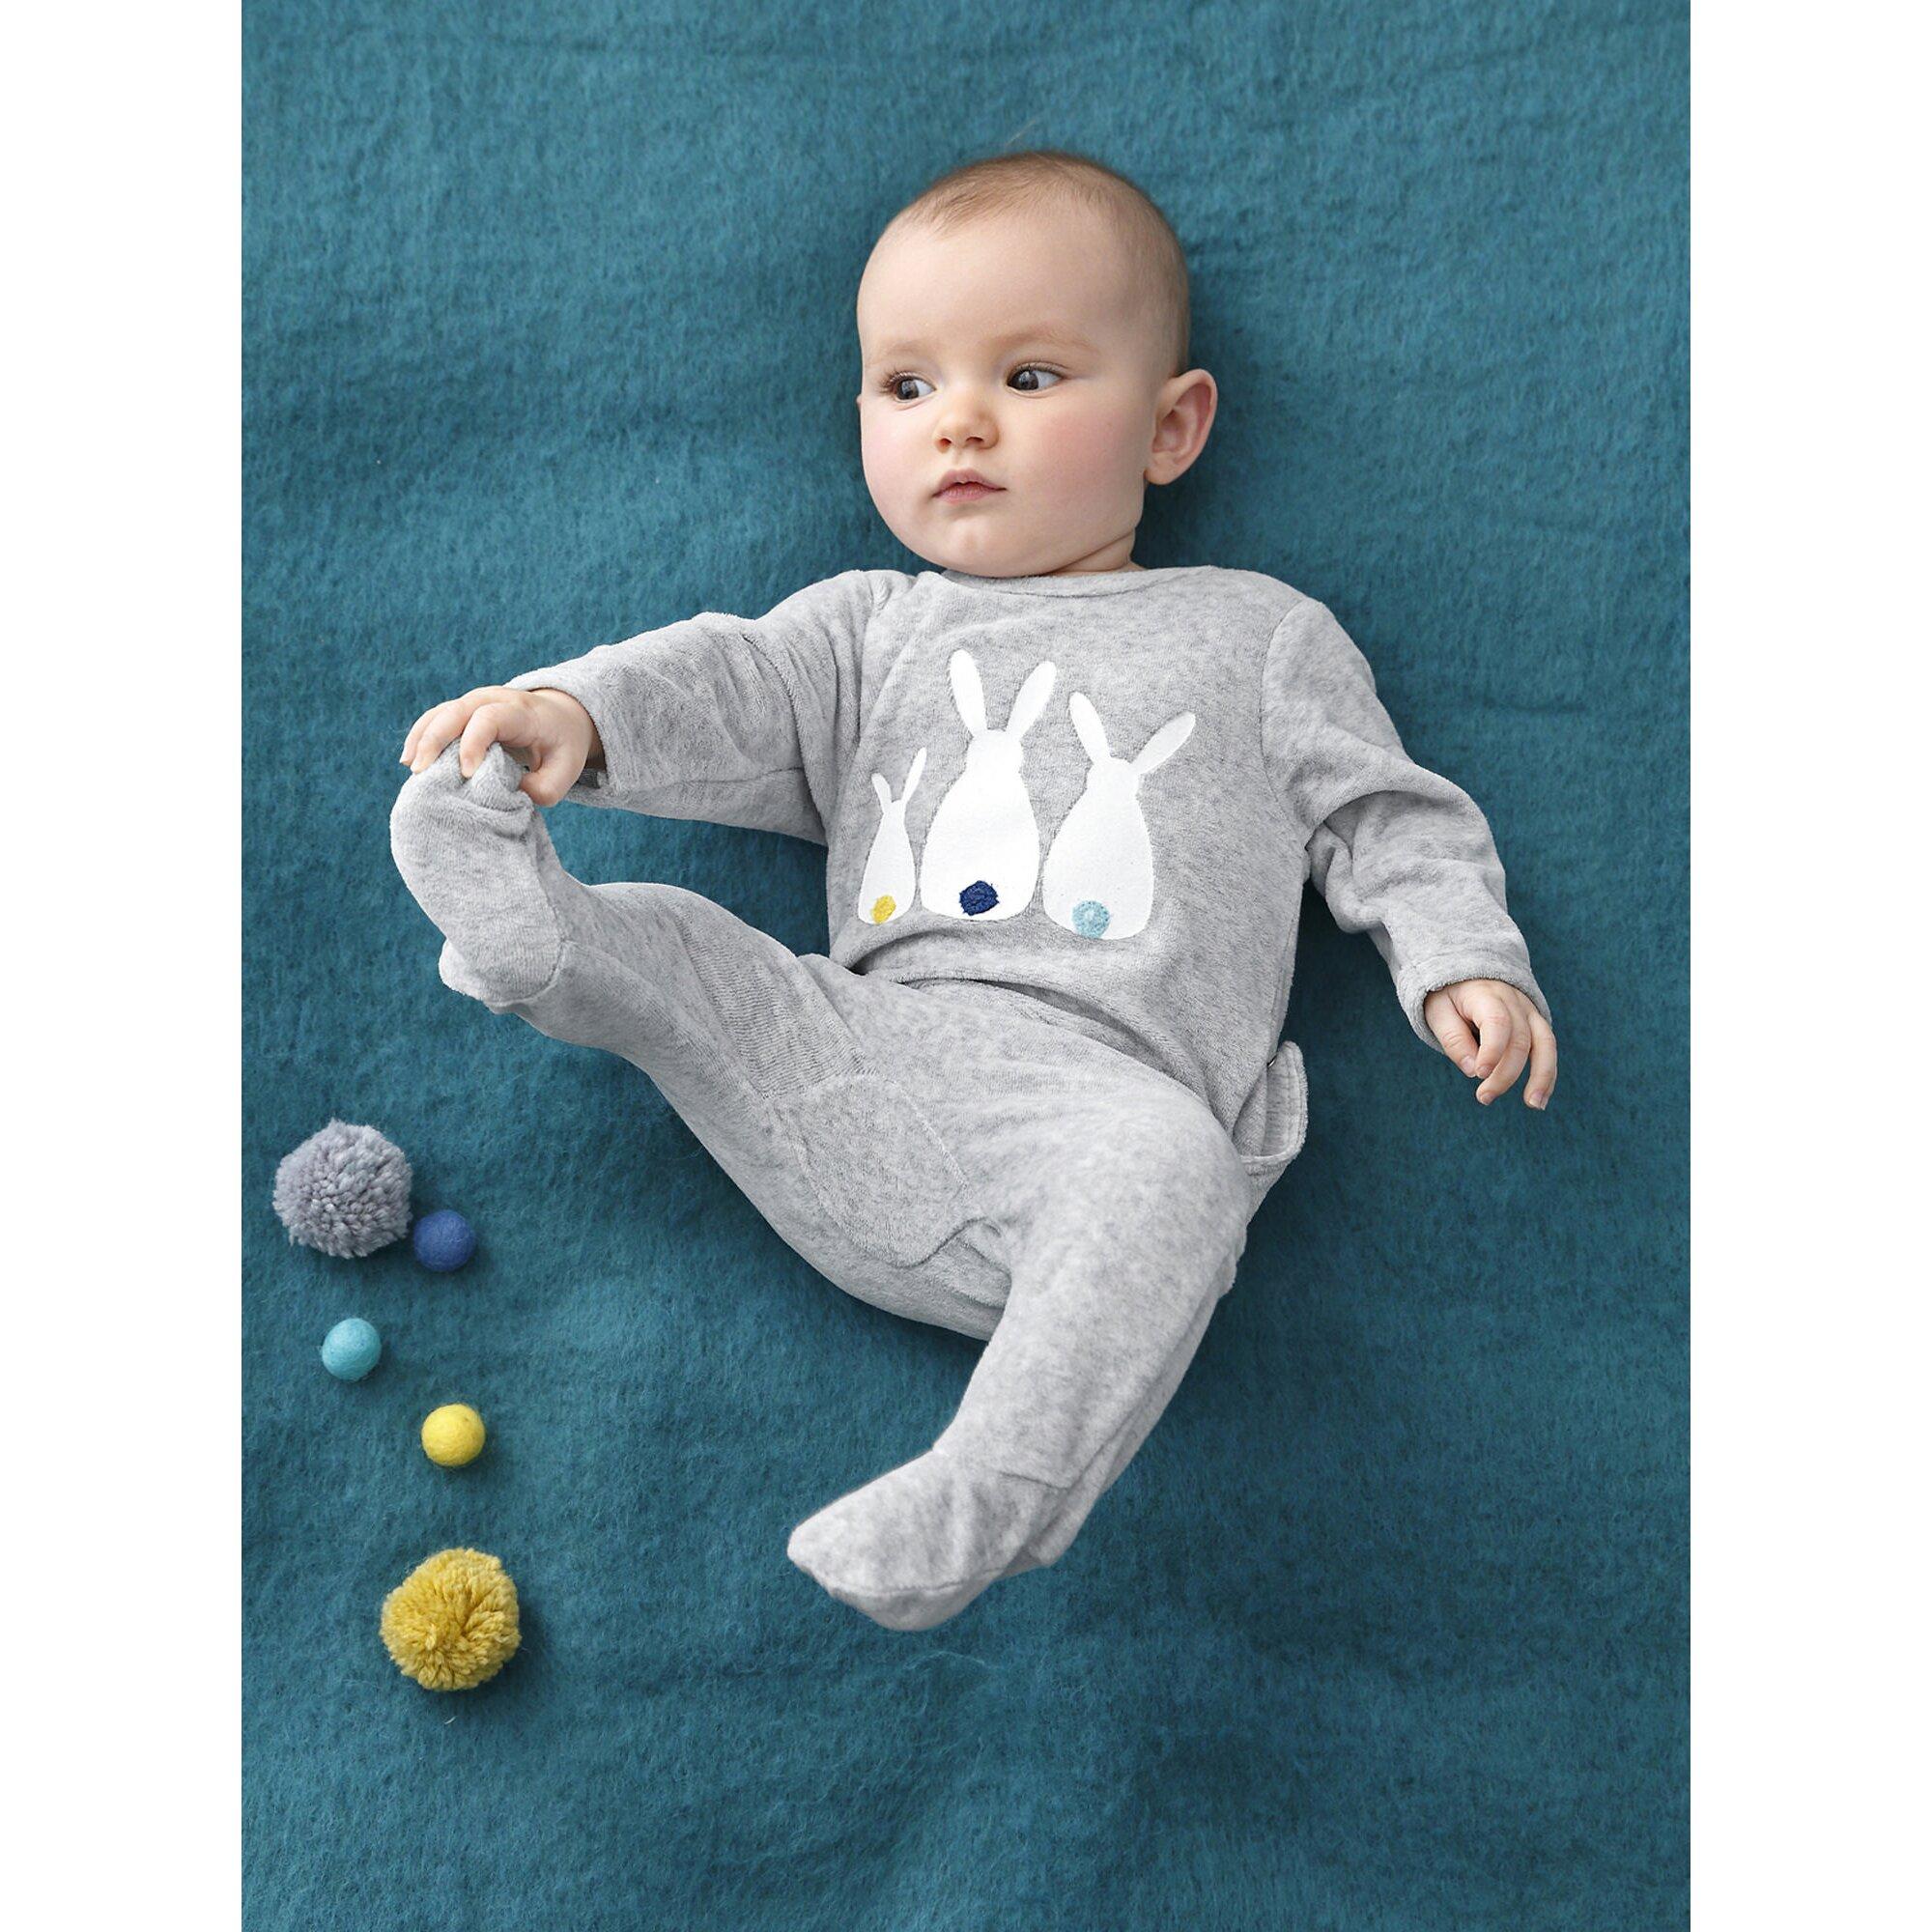 vertbaudet-samtstrampler-fur-babys, 13.99 EUR @ babywalz-de